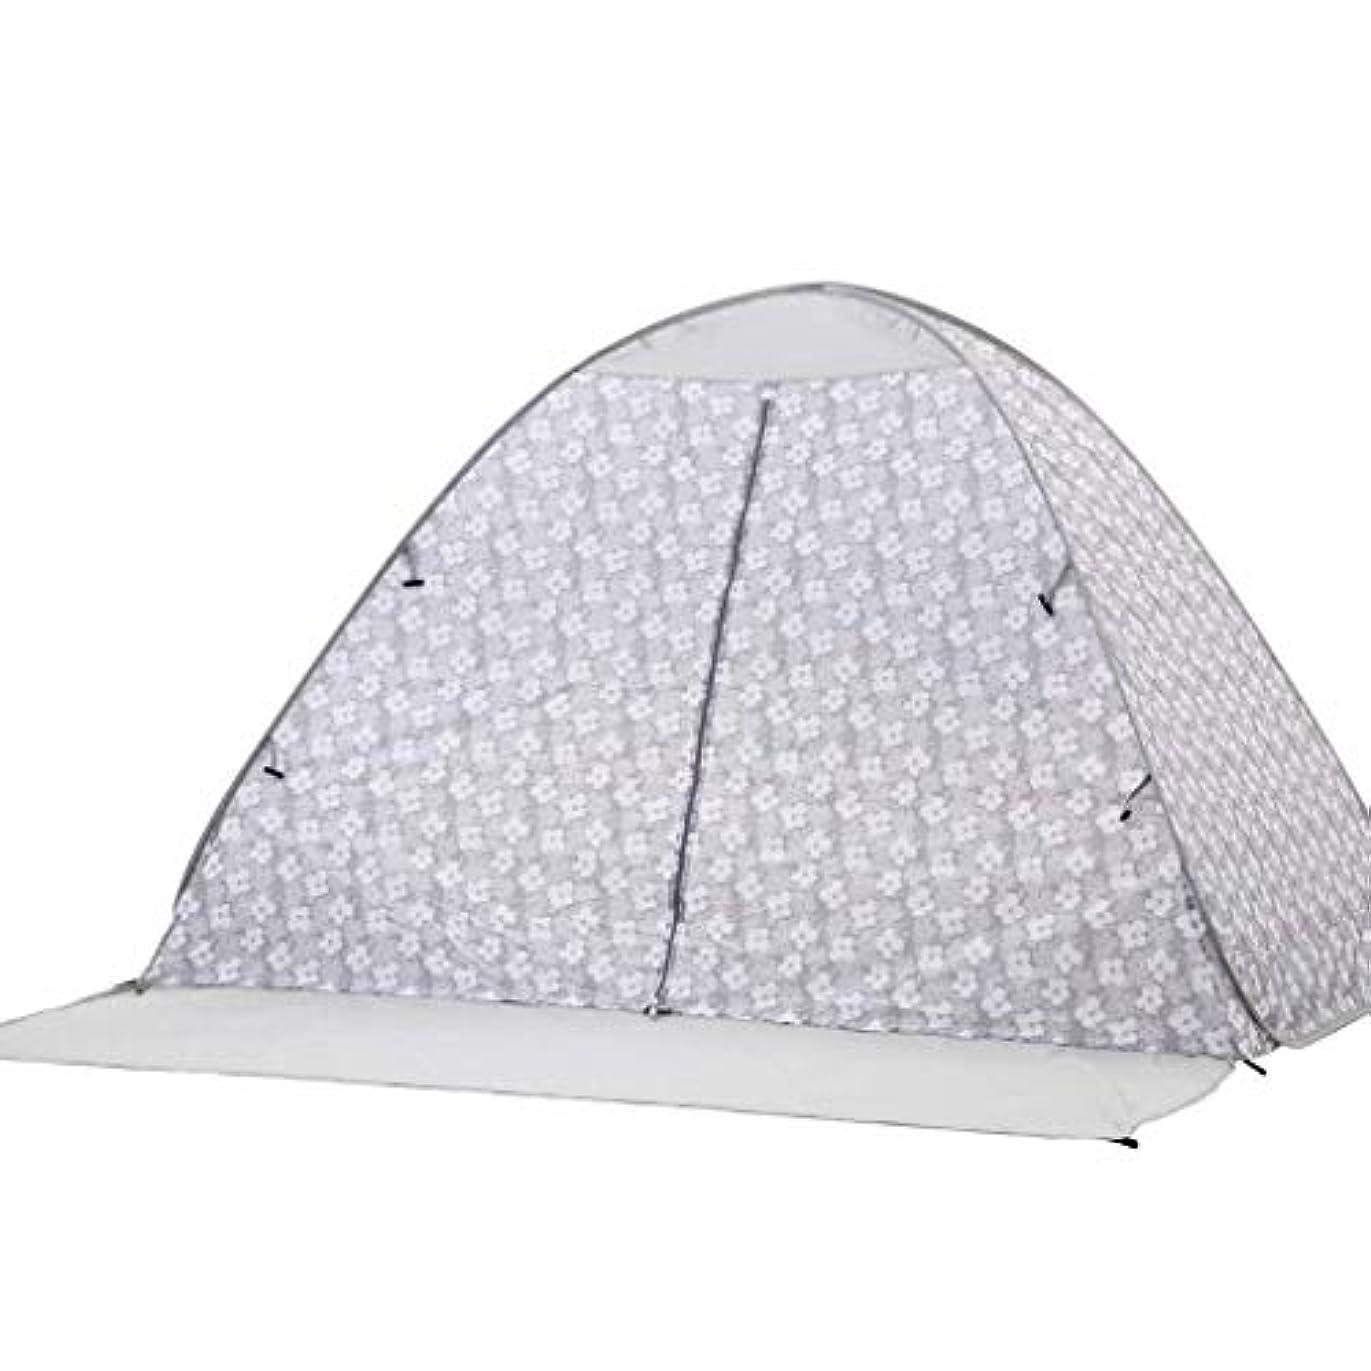 評価可能兄弟愛良性日よけの携帯用防水および雨の日よけの屋外のおおいのテント (Color : Gray)